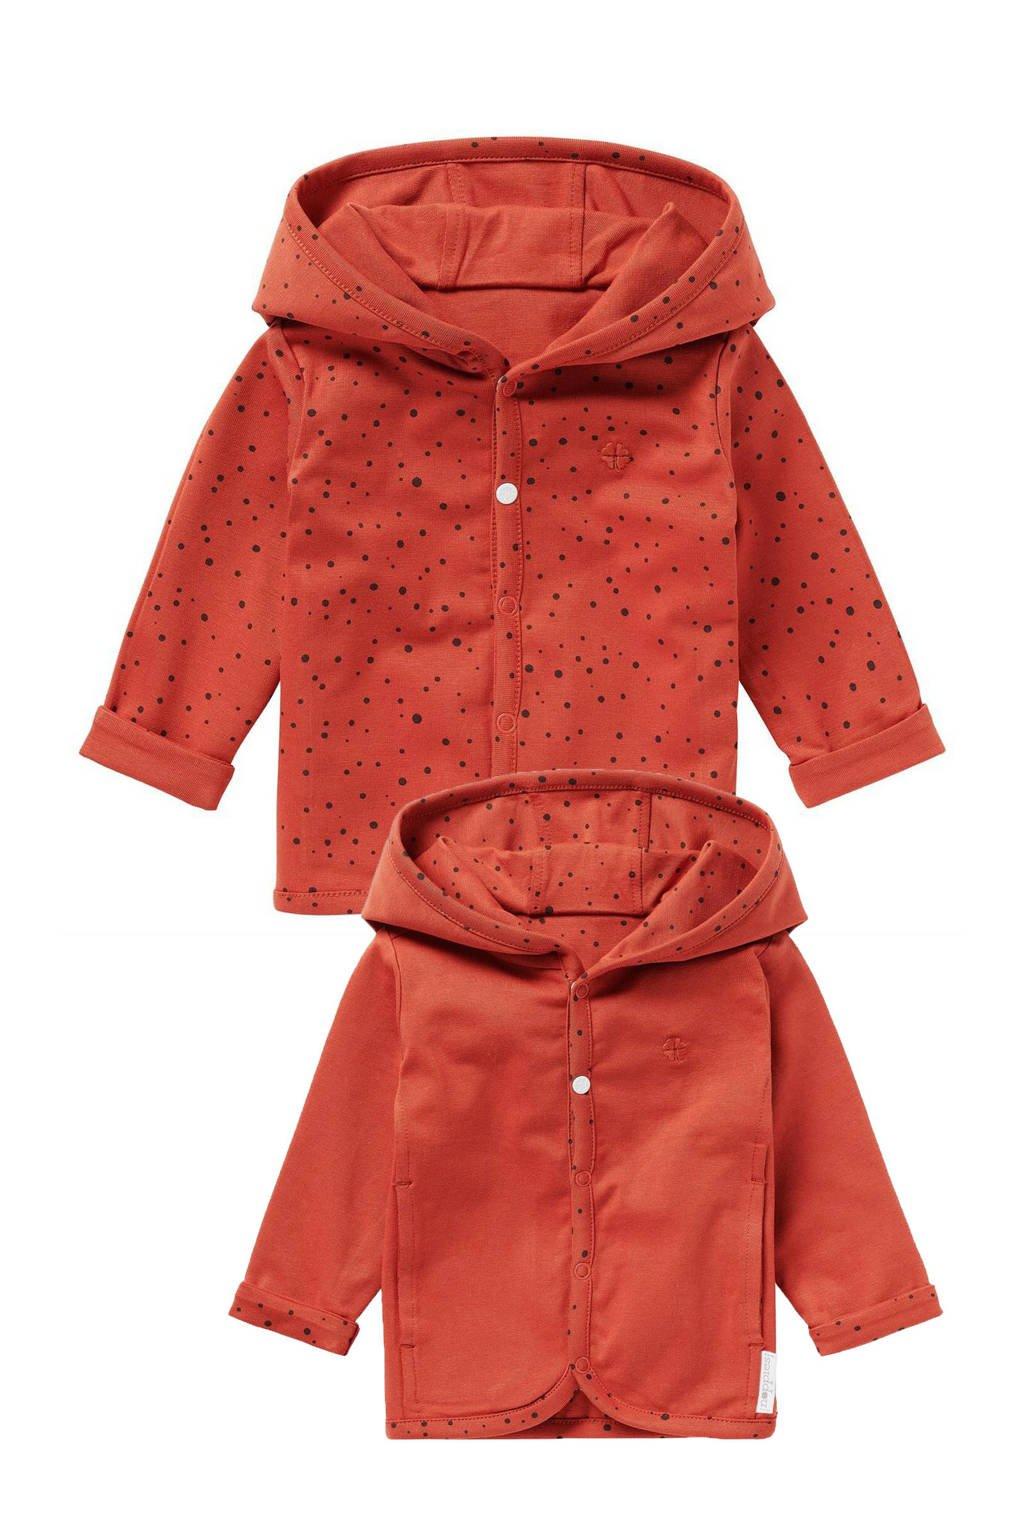 Noppies baby reversible vest Bonny roodbruin, Roodbruin